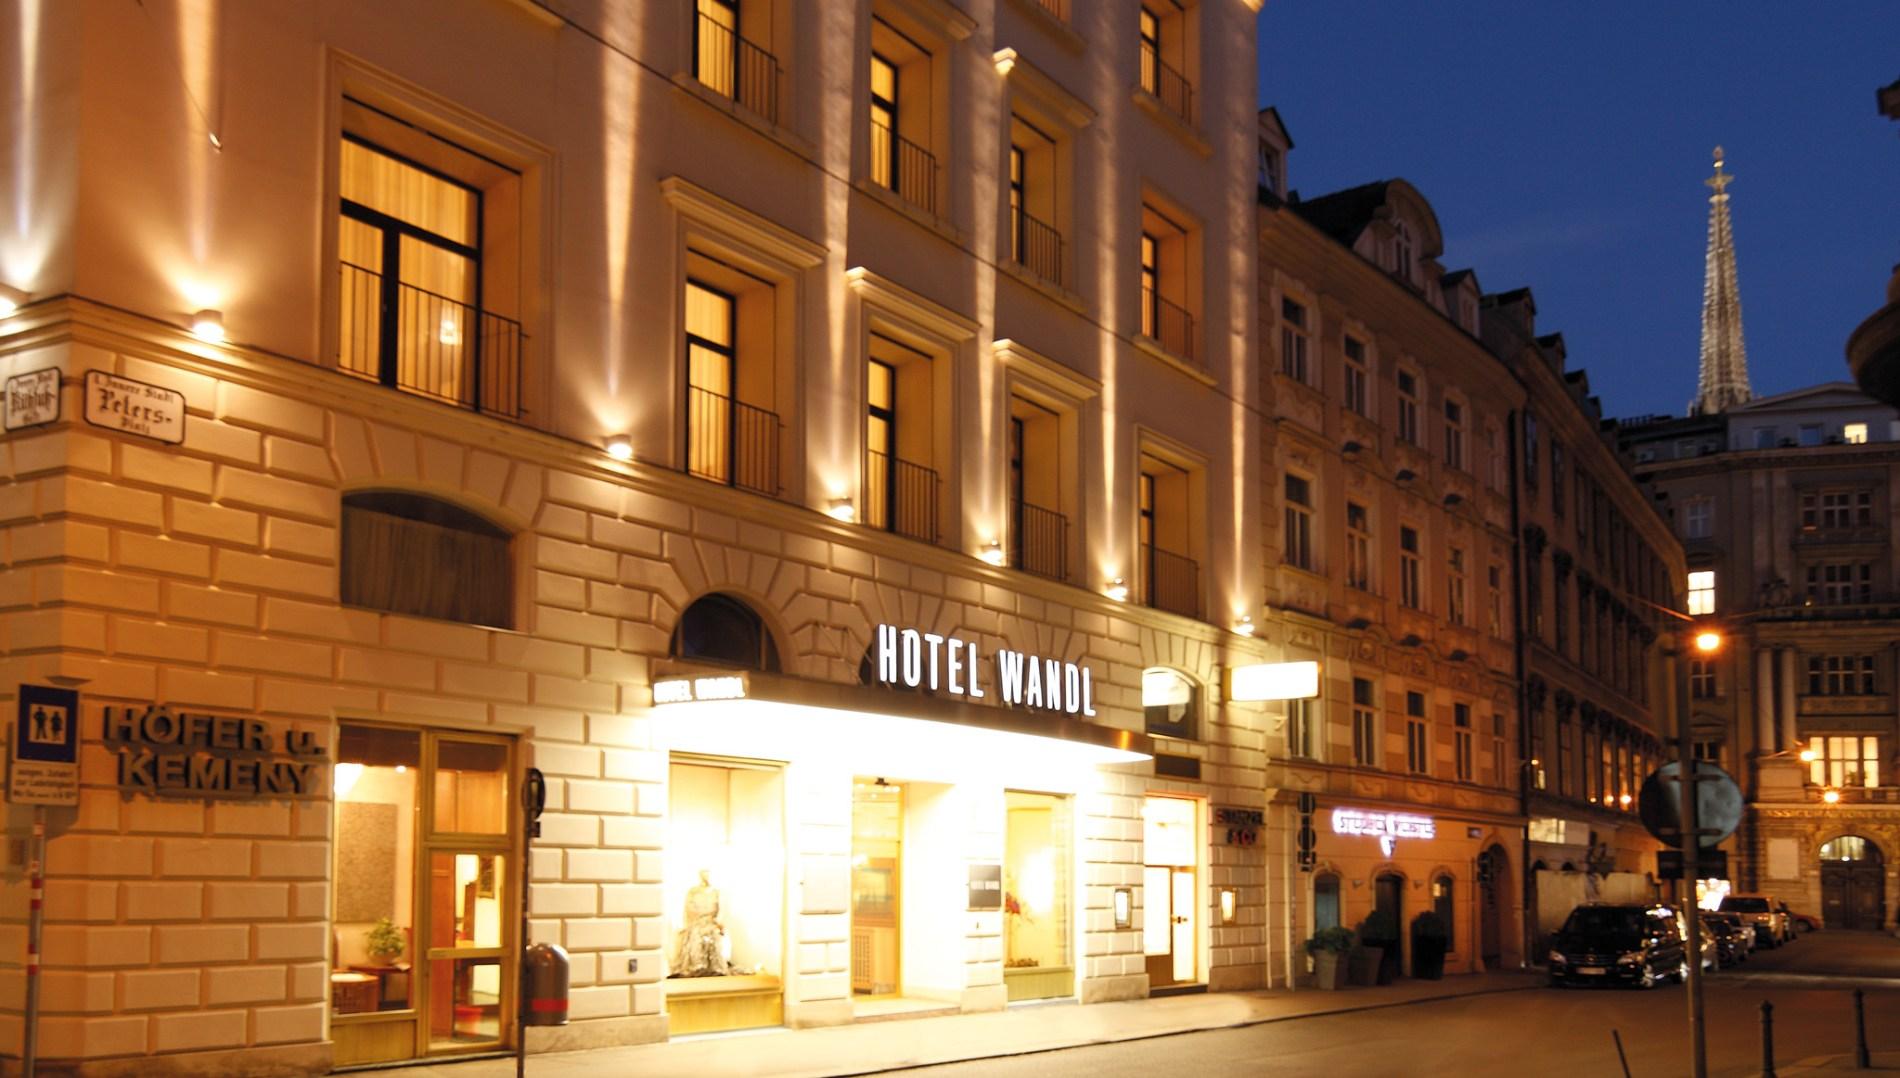 Hotel Wandl Vienna Official Website